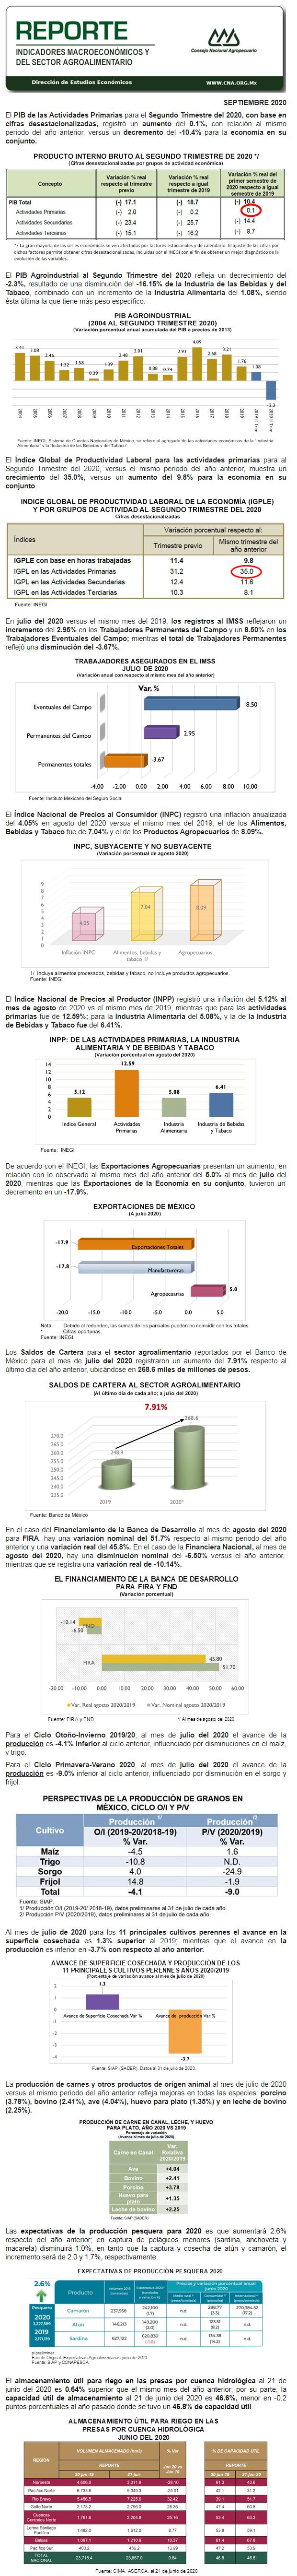 Reporte de Indicadores Macroeconómicos y Sectoriales del Sector, Septiembre 2020.